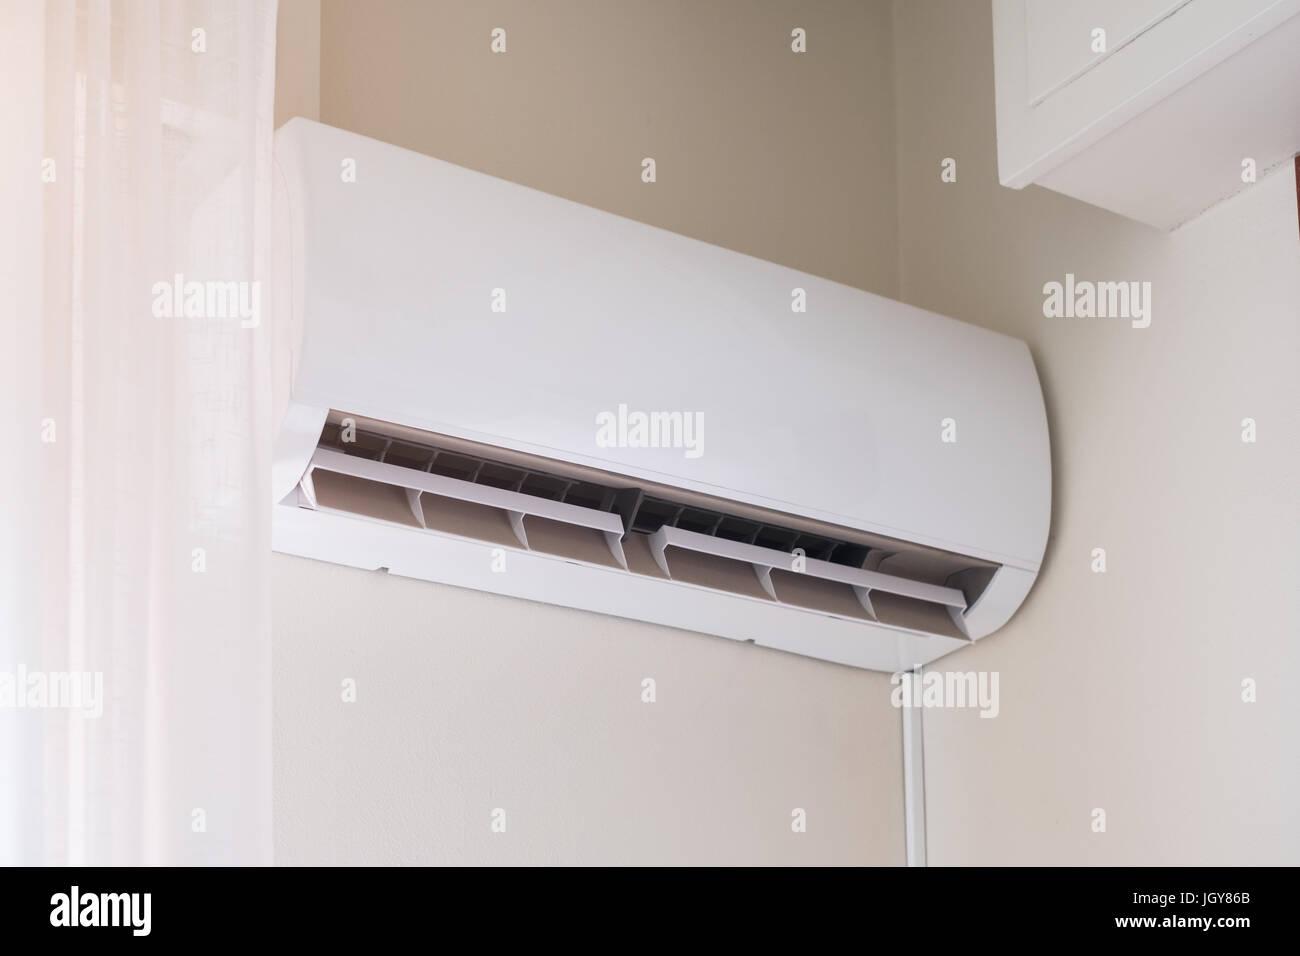 Conditioner stockfotos conditioner bilder alamy for Wand klimaanlage